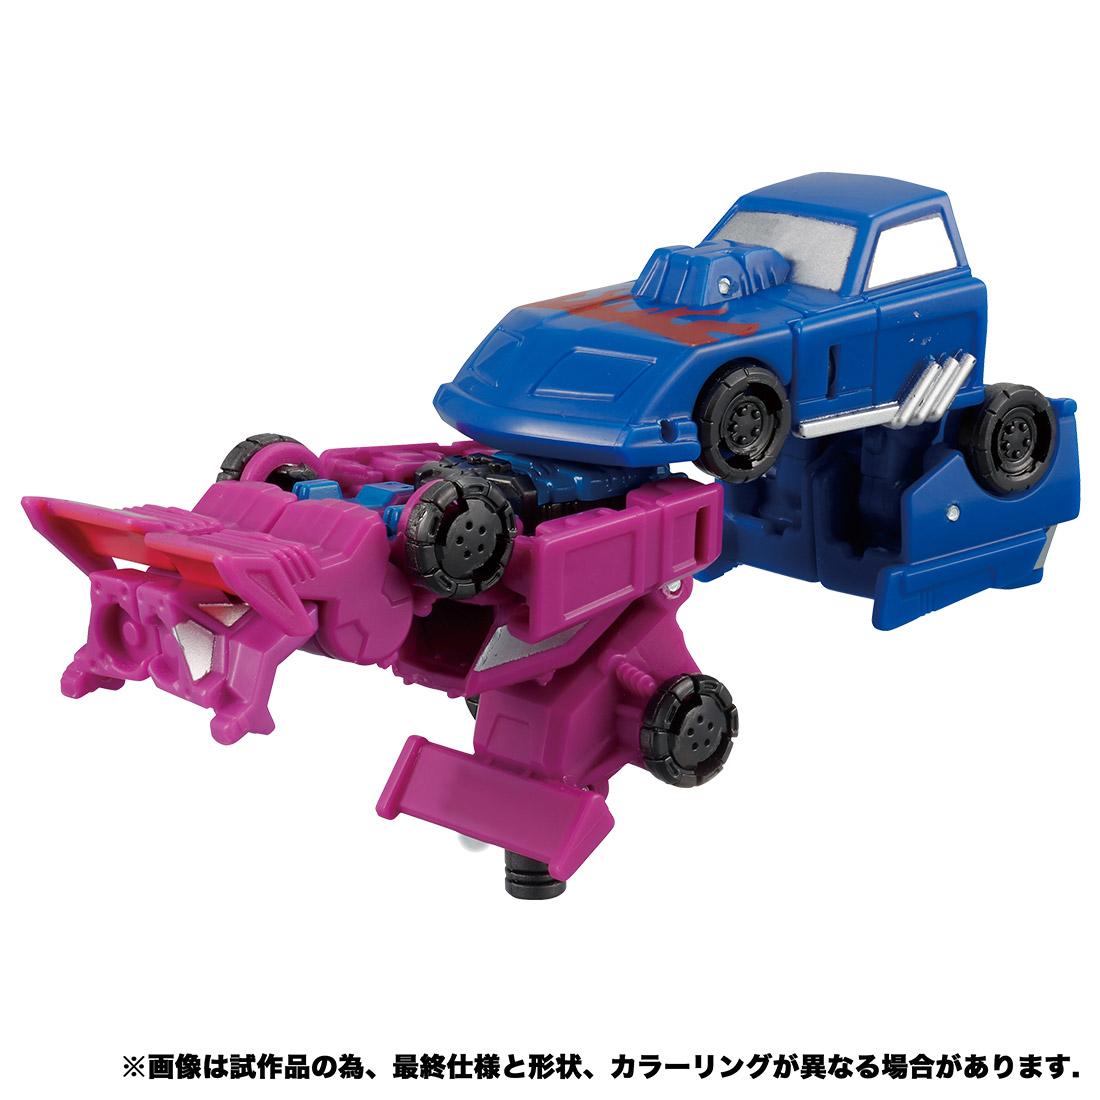 【限定販売】トランスフォーマー アースライズ『ER EX-10 スナップドラゴン』可変可動フィギュア-012